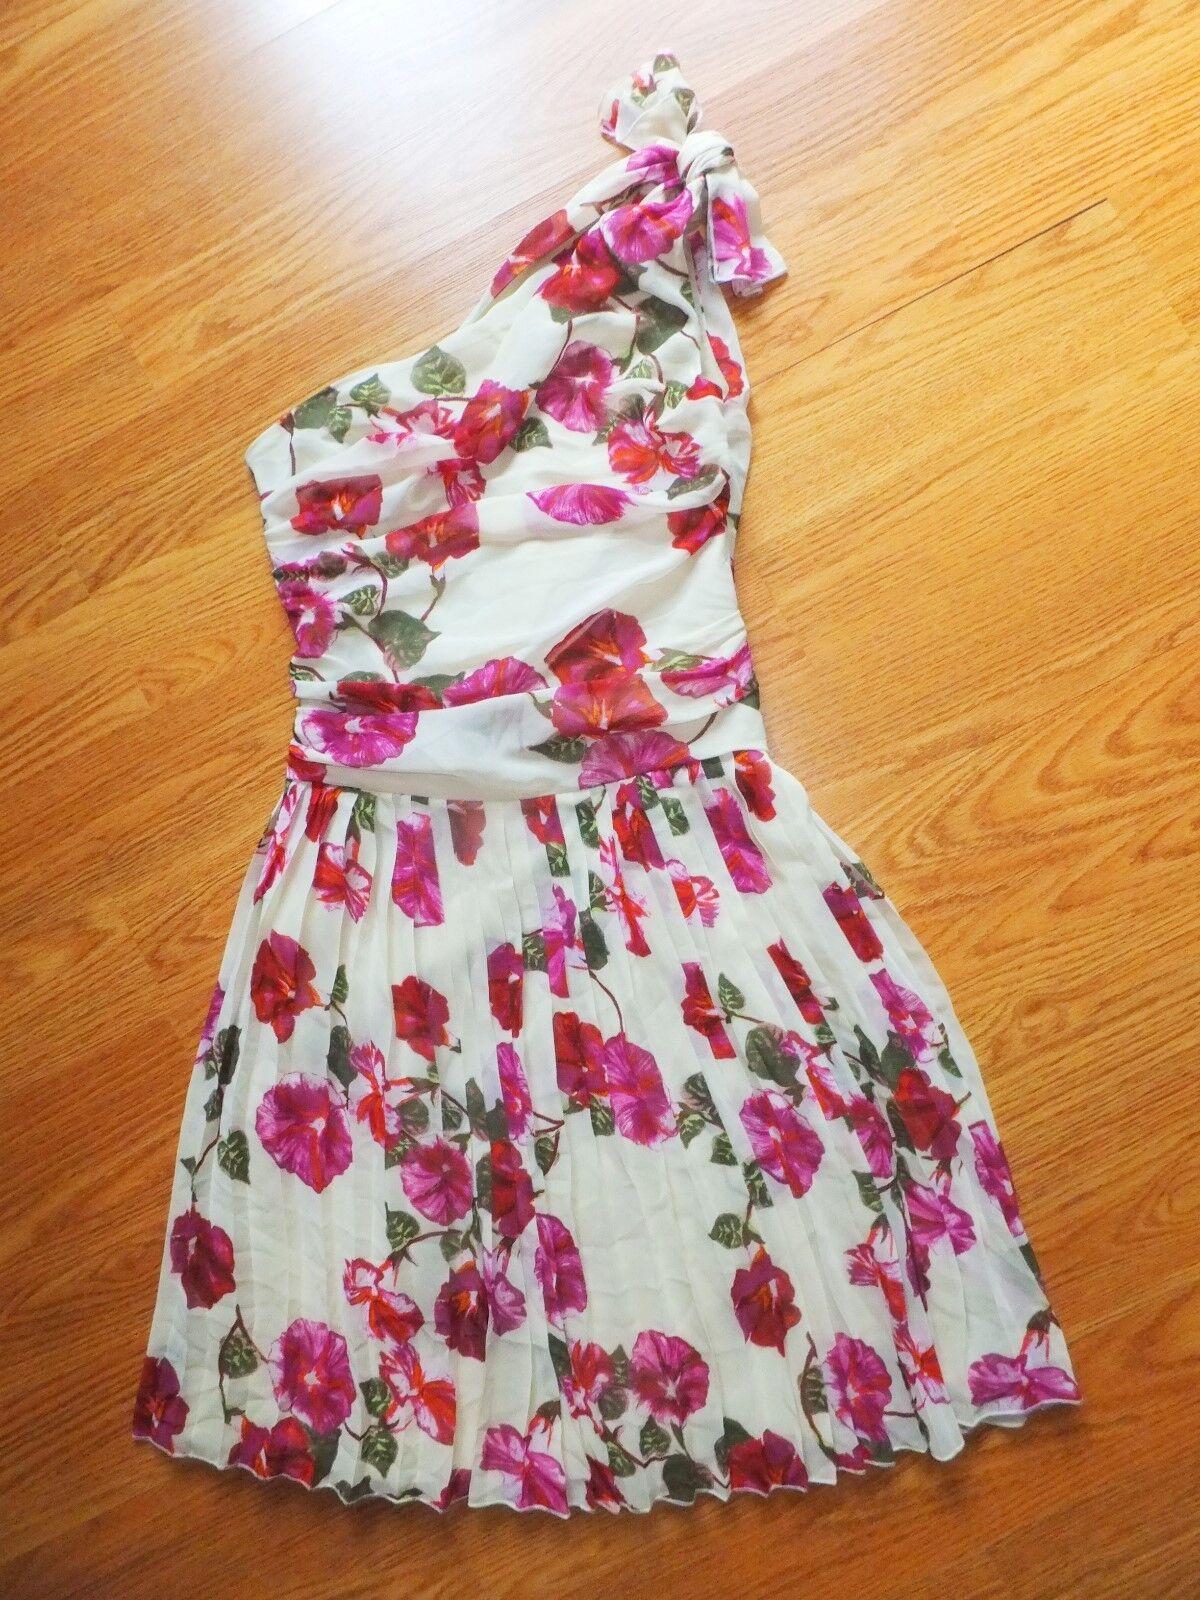 Alberta Ferretti Macys One Shoulder Floral Dress Sz0 XS